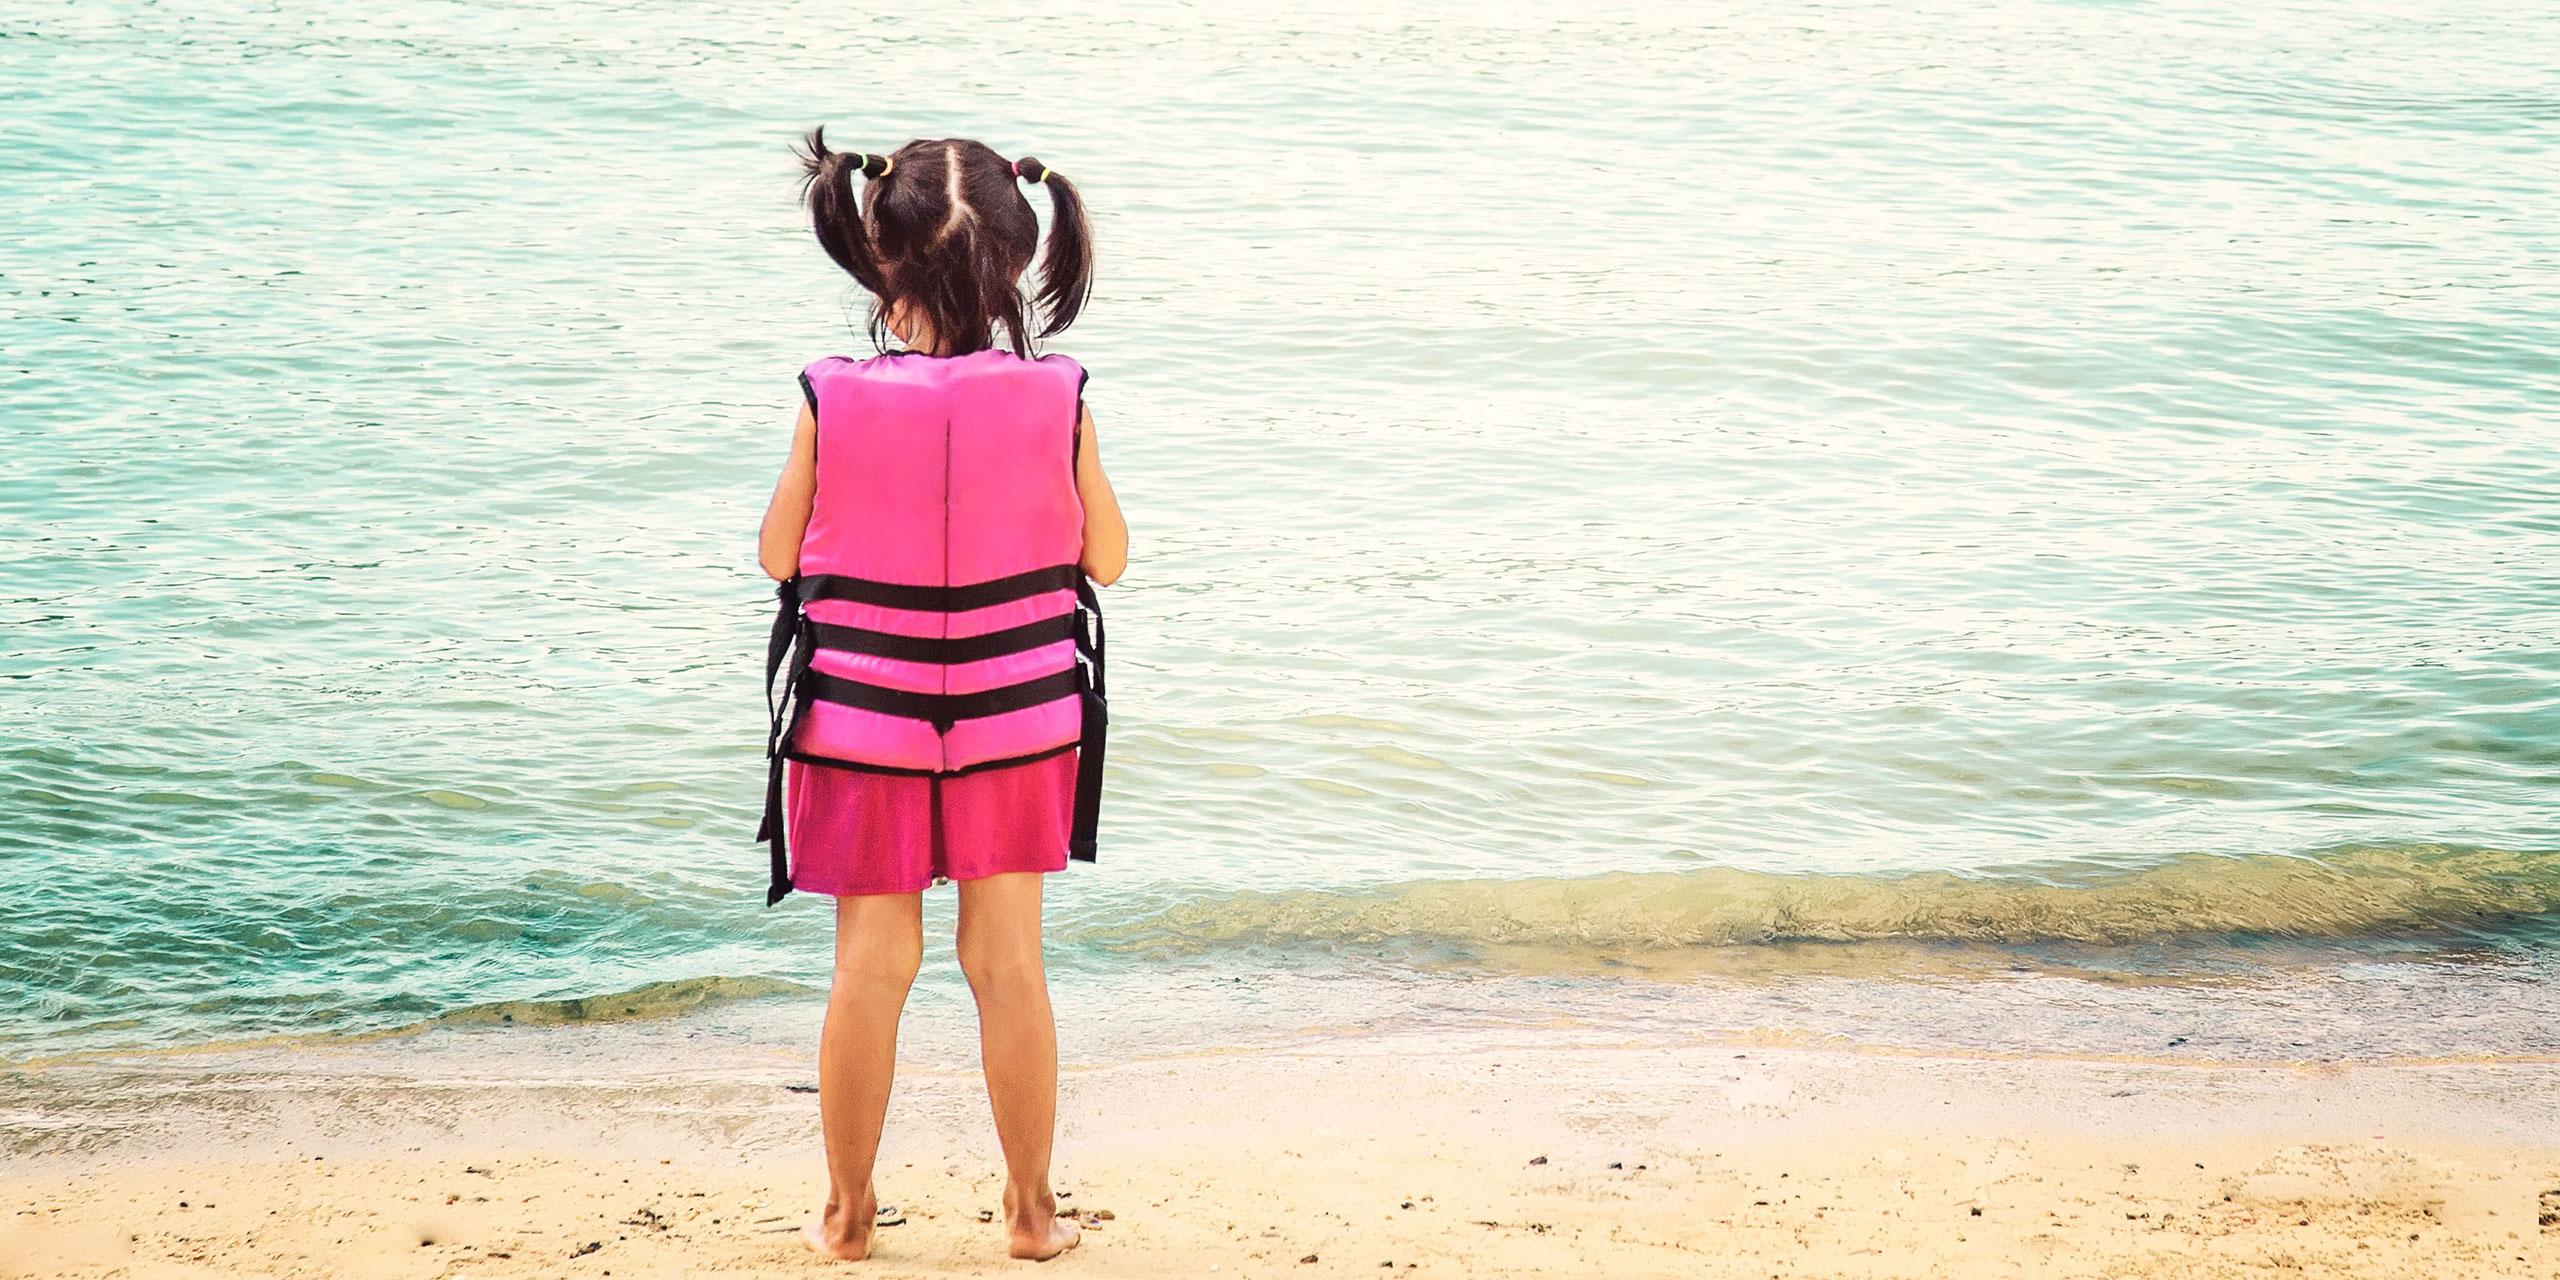 7 Best Life Vests For Kids